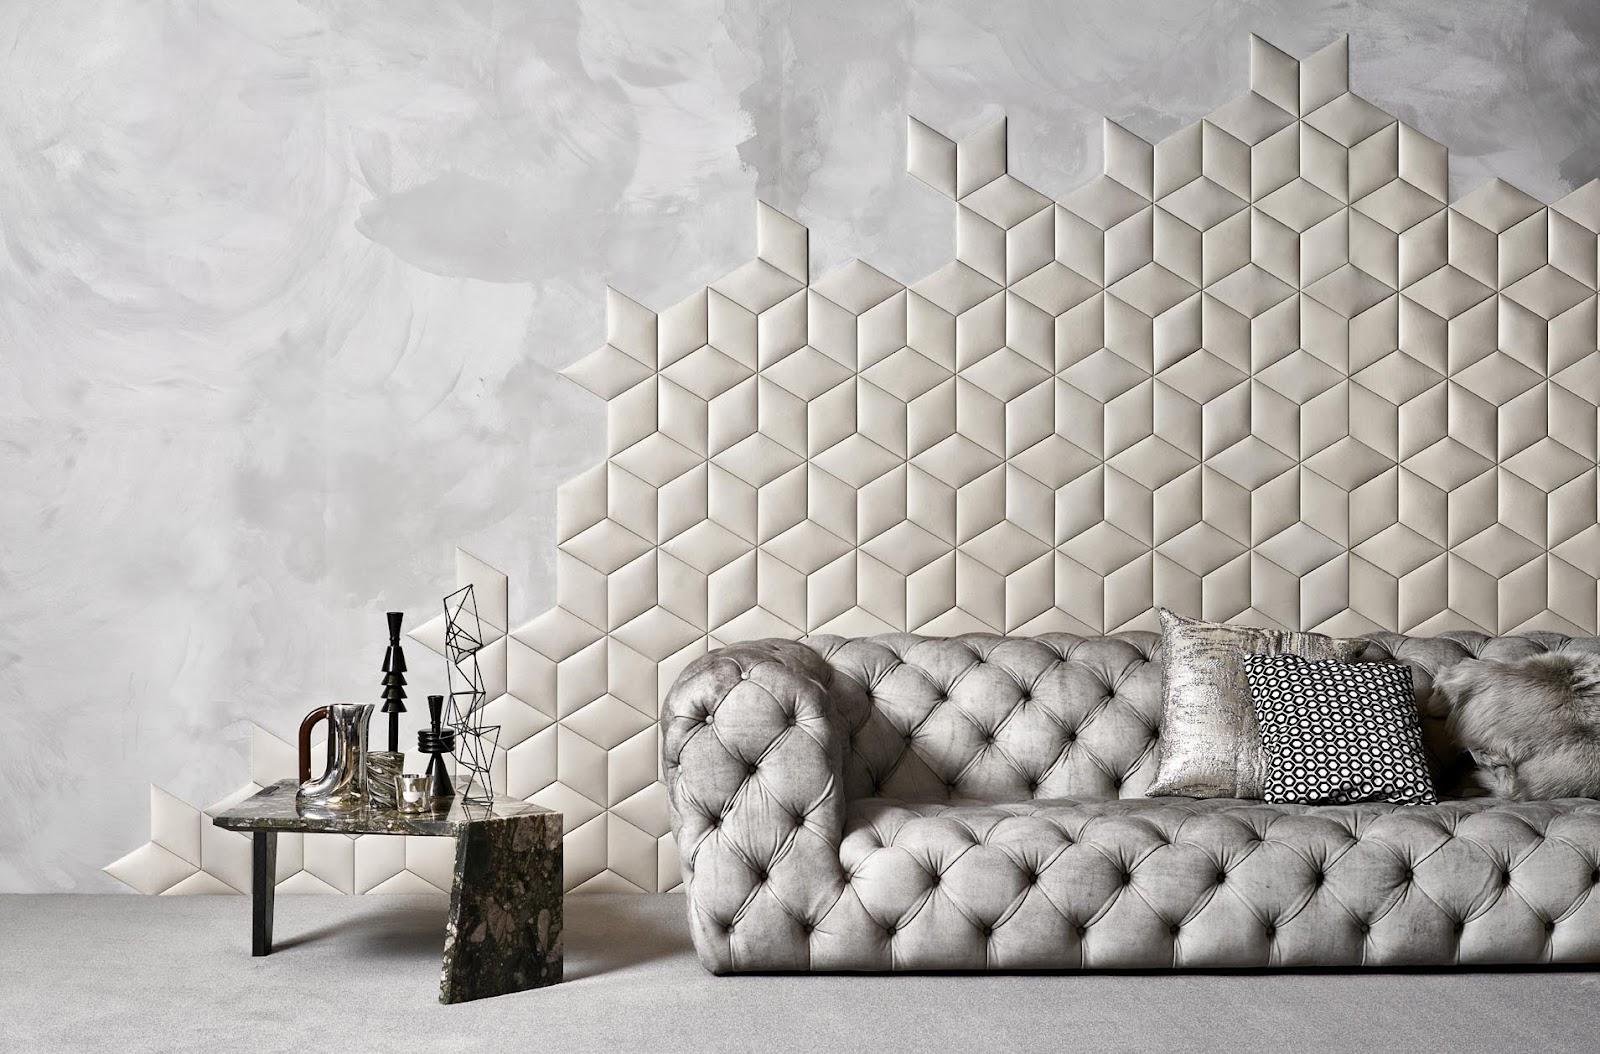 Pemasangan Material Kulit di Dinding dengan Desain Unik